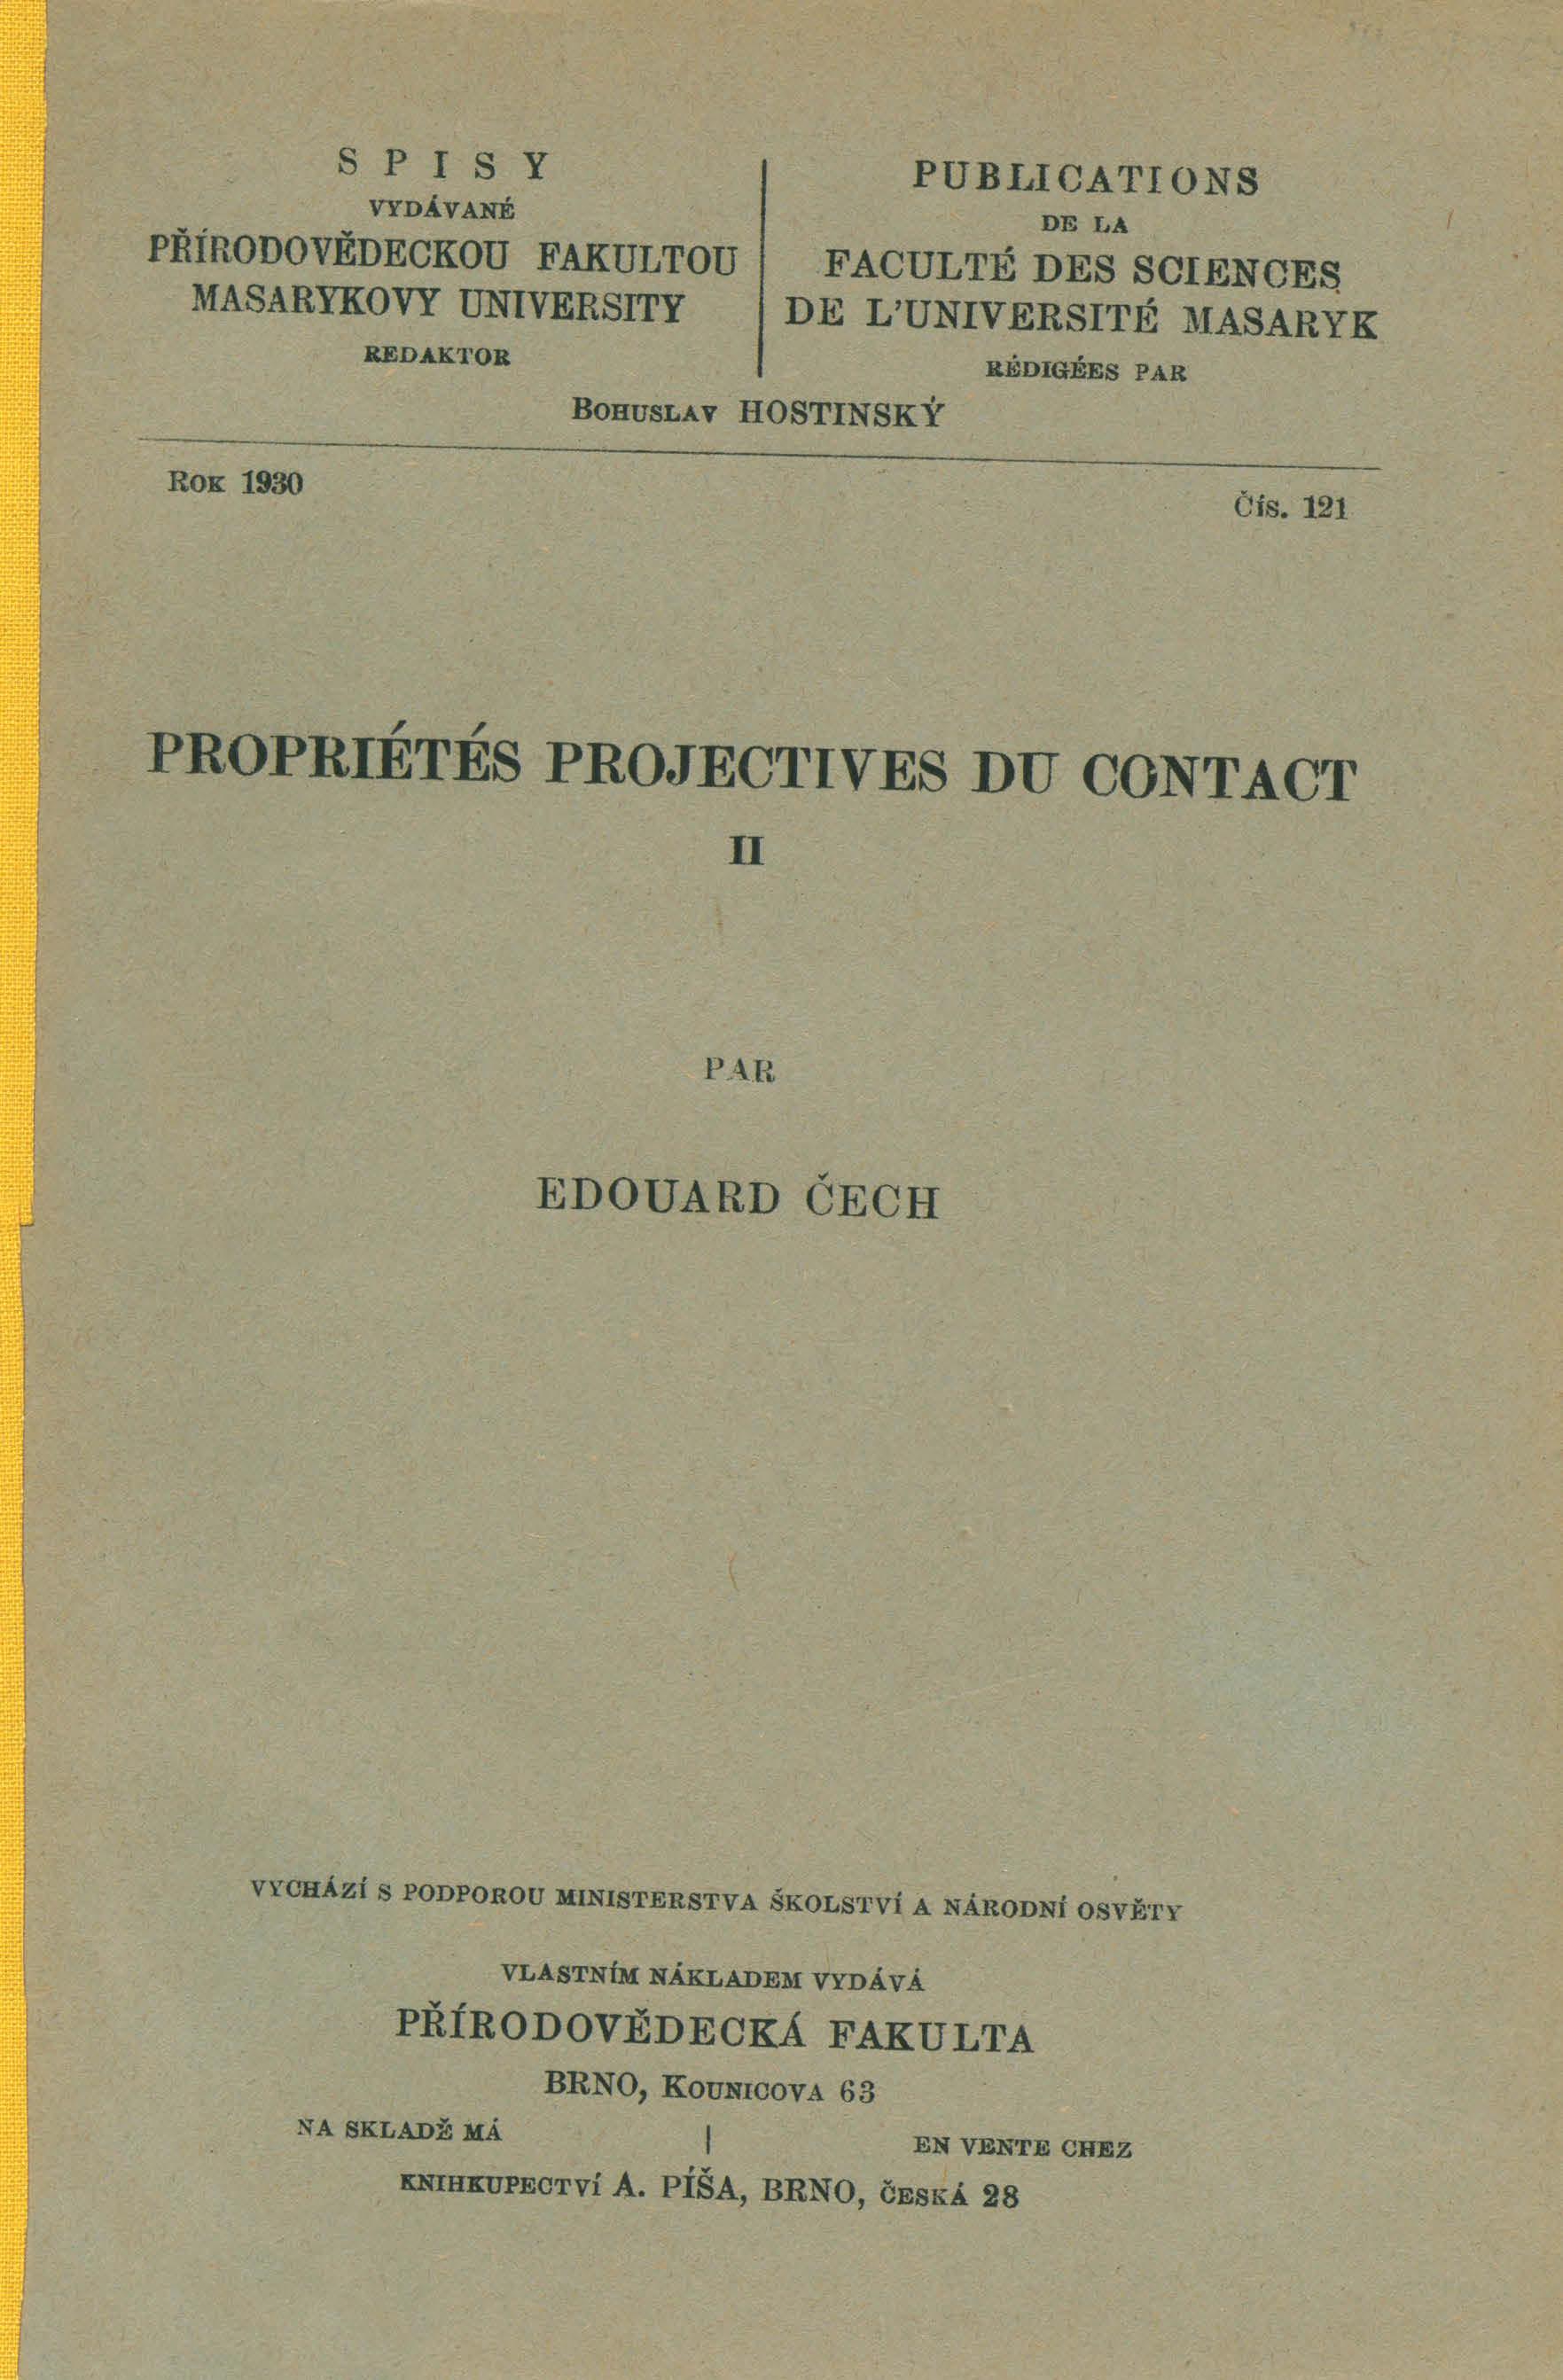 Obálka pro Propriétés projectives du contact. II.